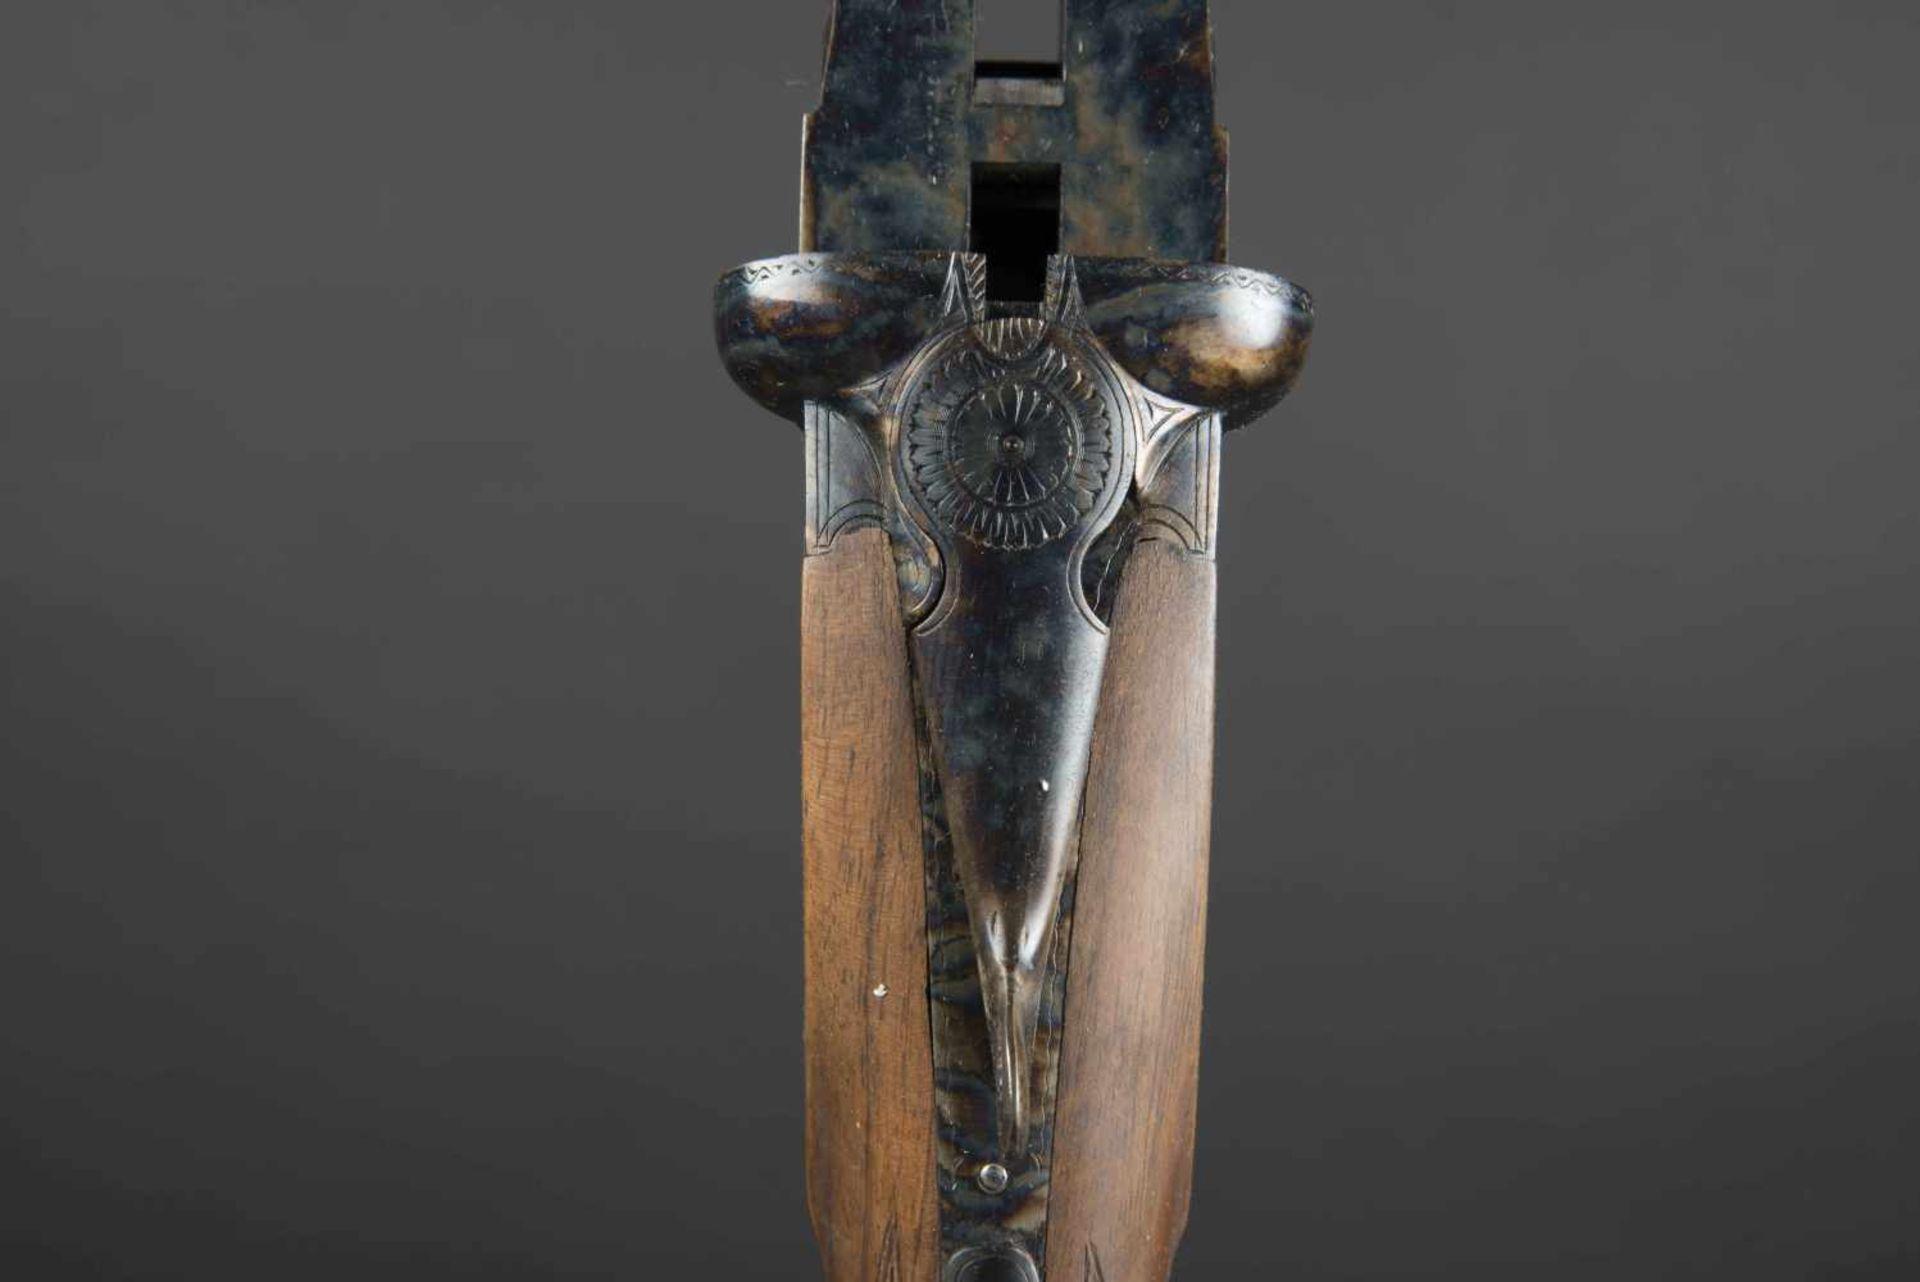 Fusil juxtaposé modèle artisanal Catégorie C Calibre 12, numéro M1374, certificat du Banc d' - Bild 3 aus 3